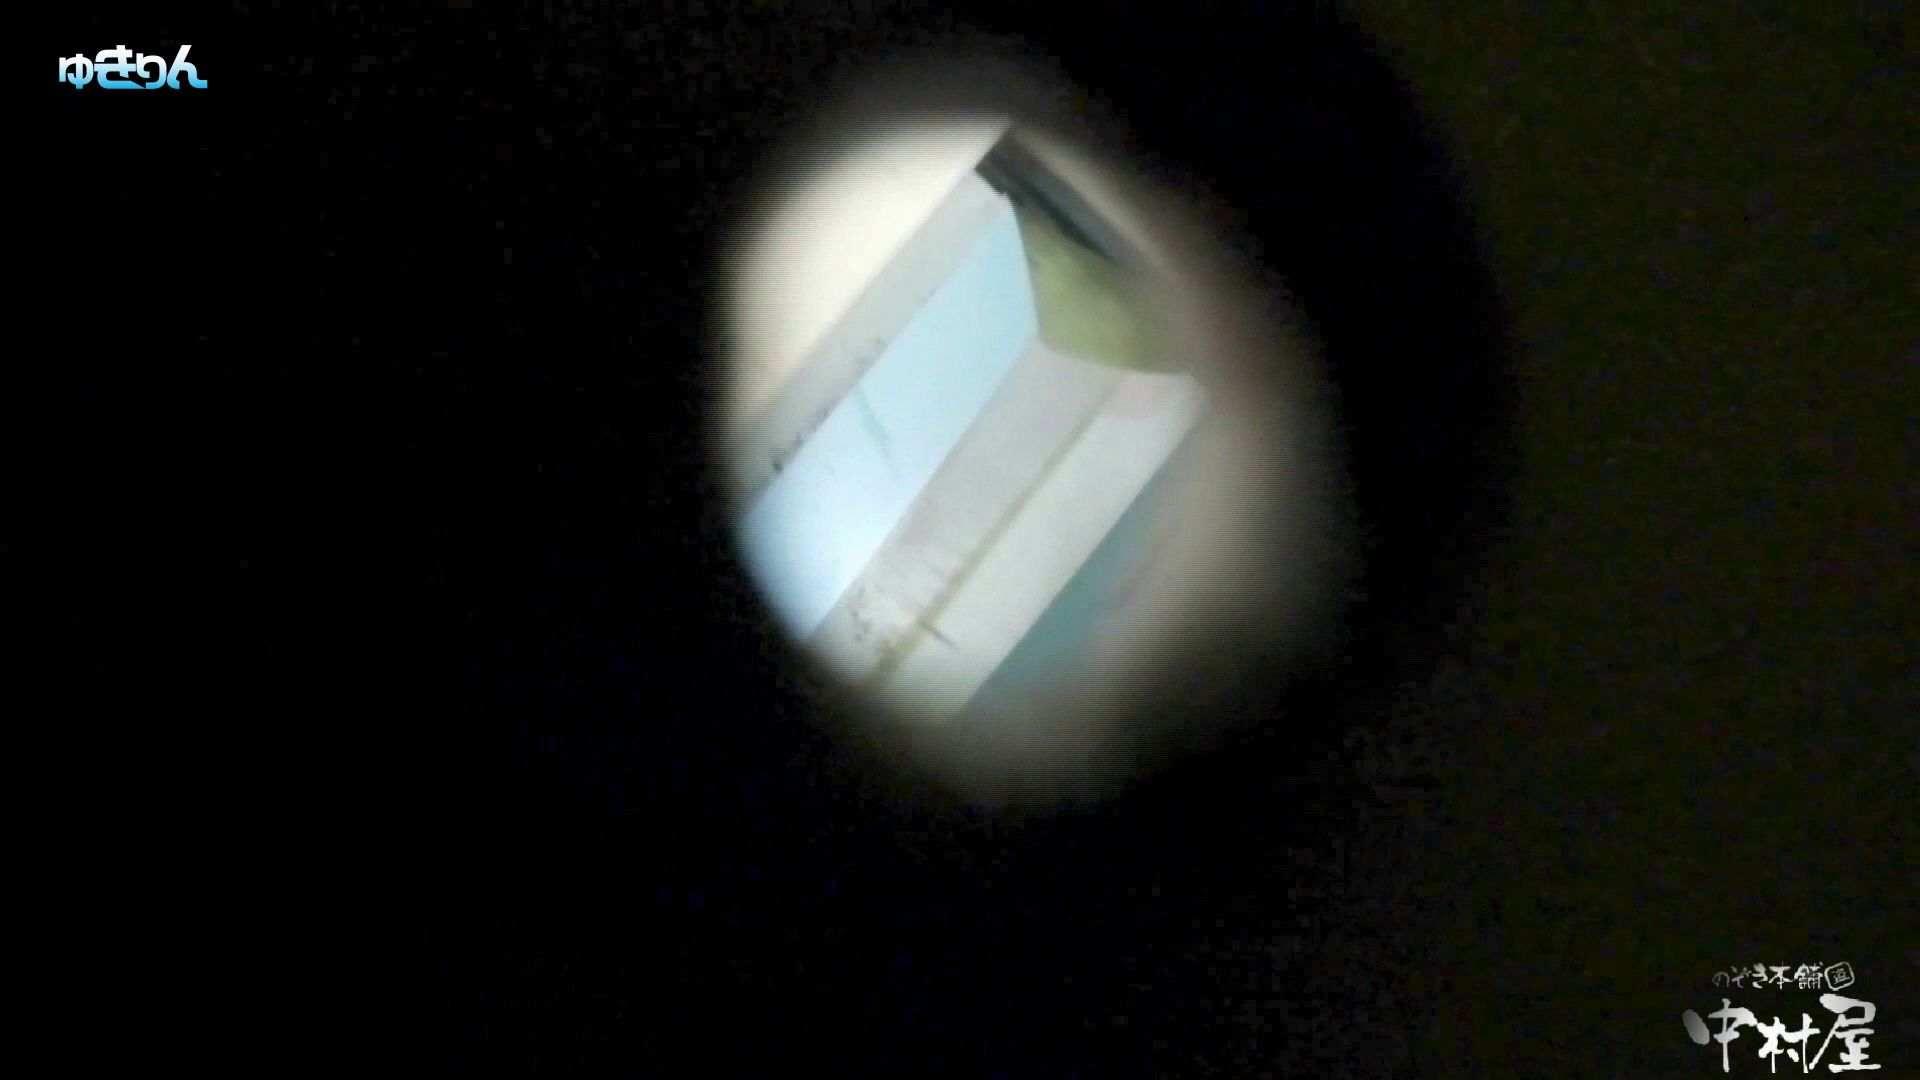 世界の射窓から~ステーション編~ vol56 すごいM字開脚してくれます。後編 盗撮シリーズ  85PIX 48